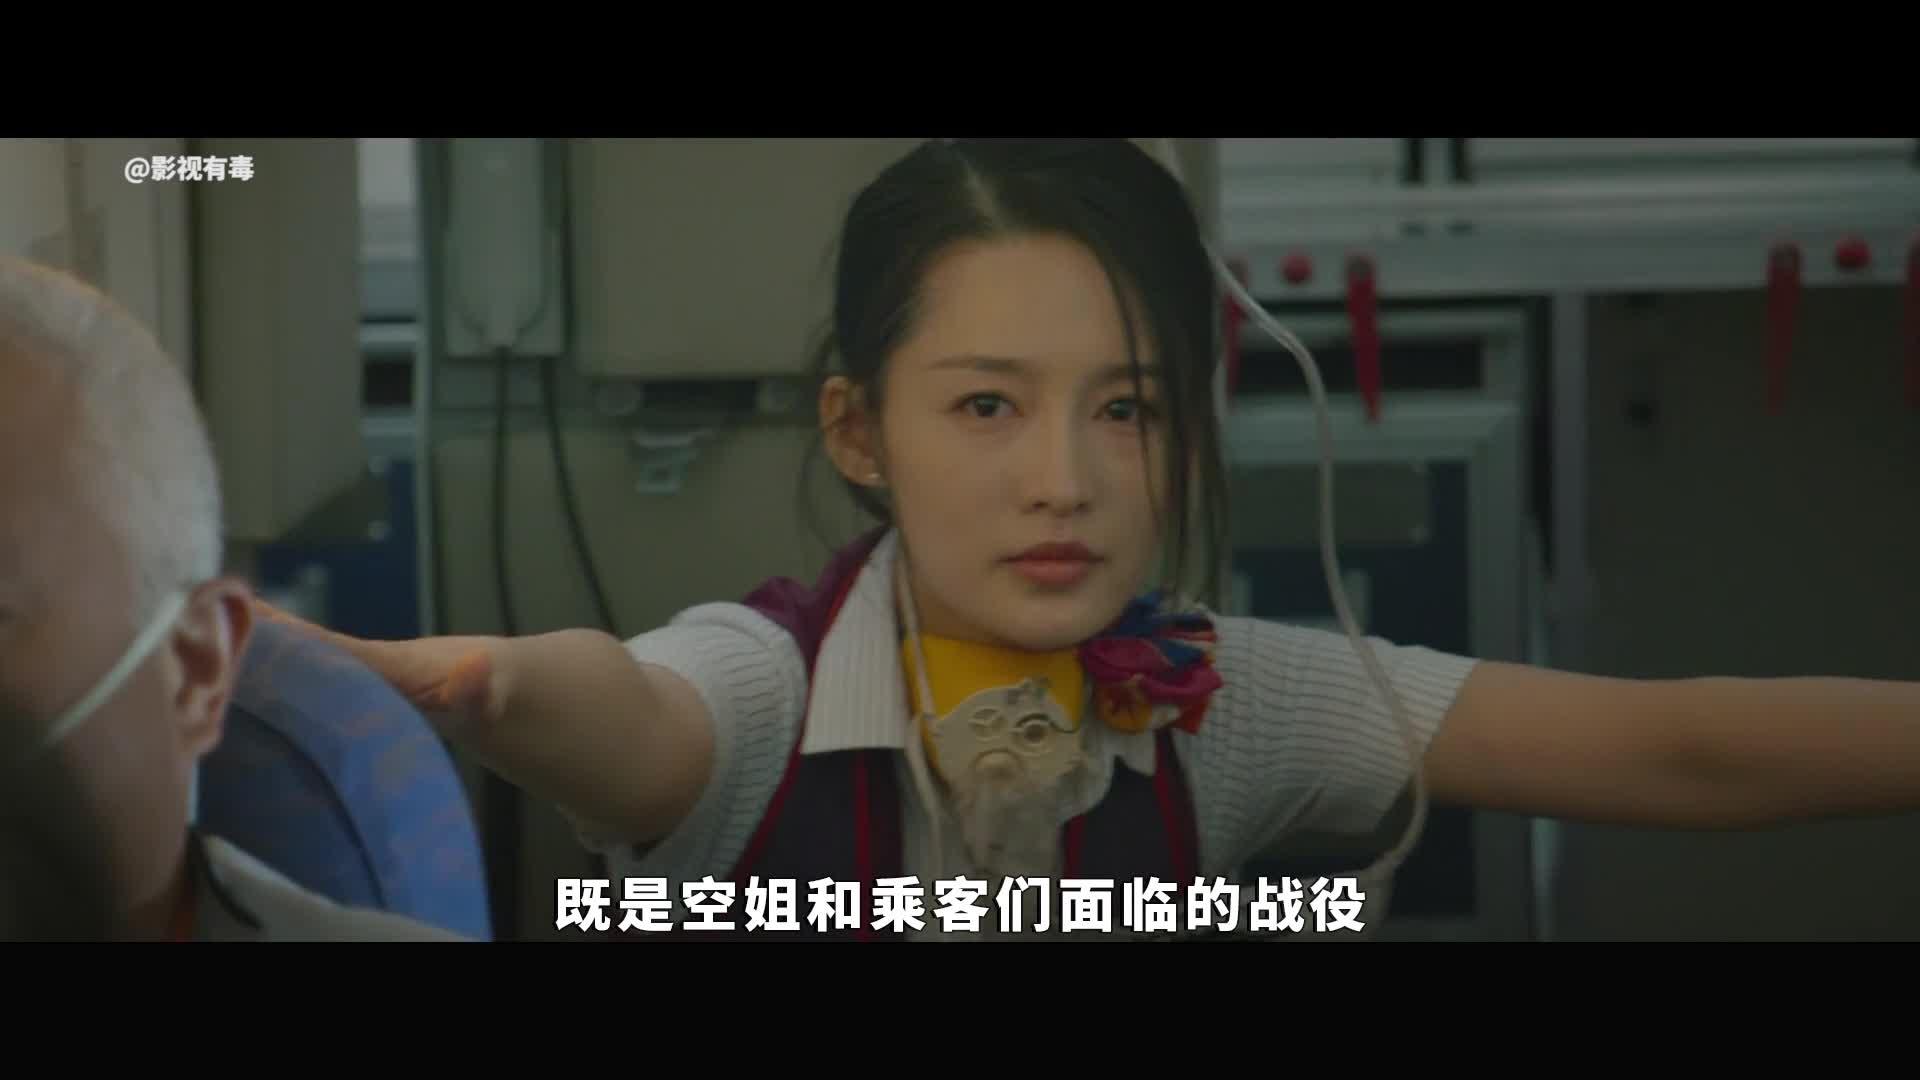 #追剧不能停#敬畏责任,热爱蓝天,三分钟速看《中国机长》万米高空险情